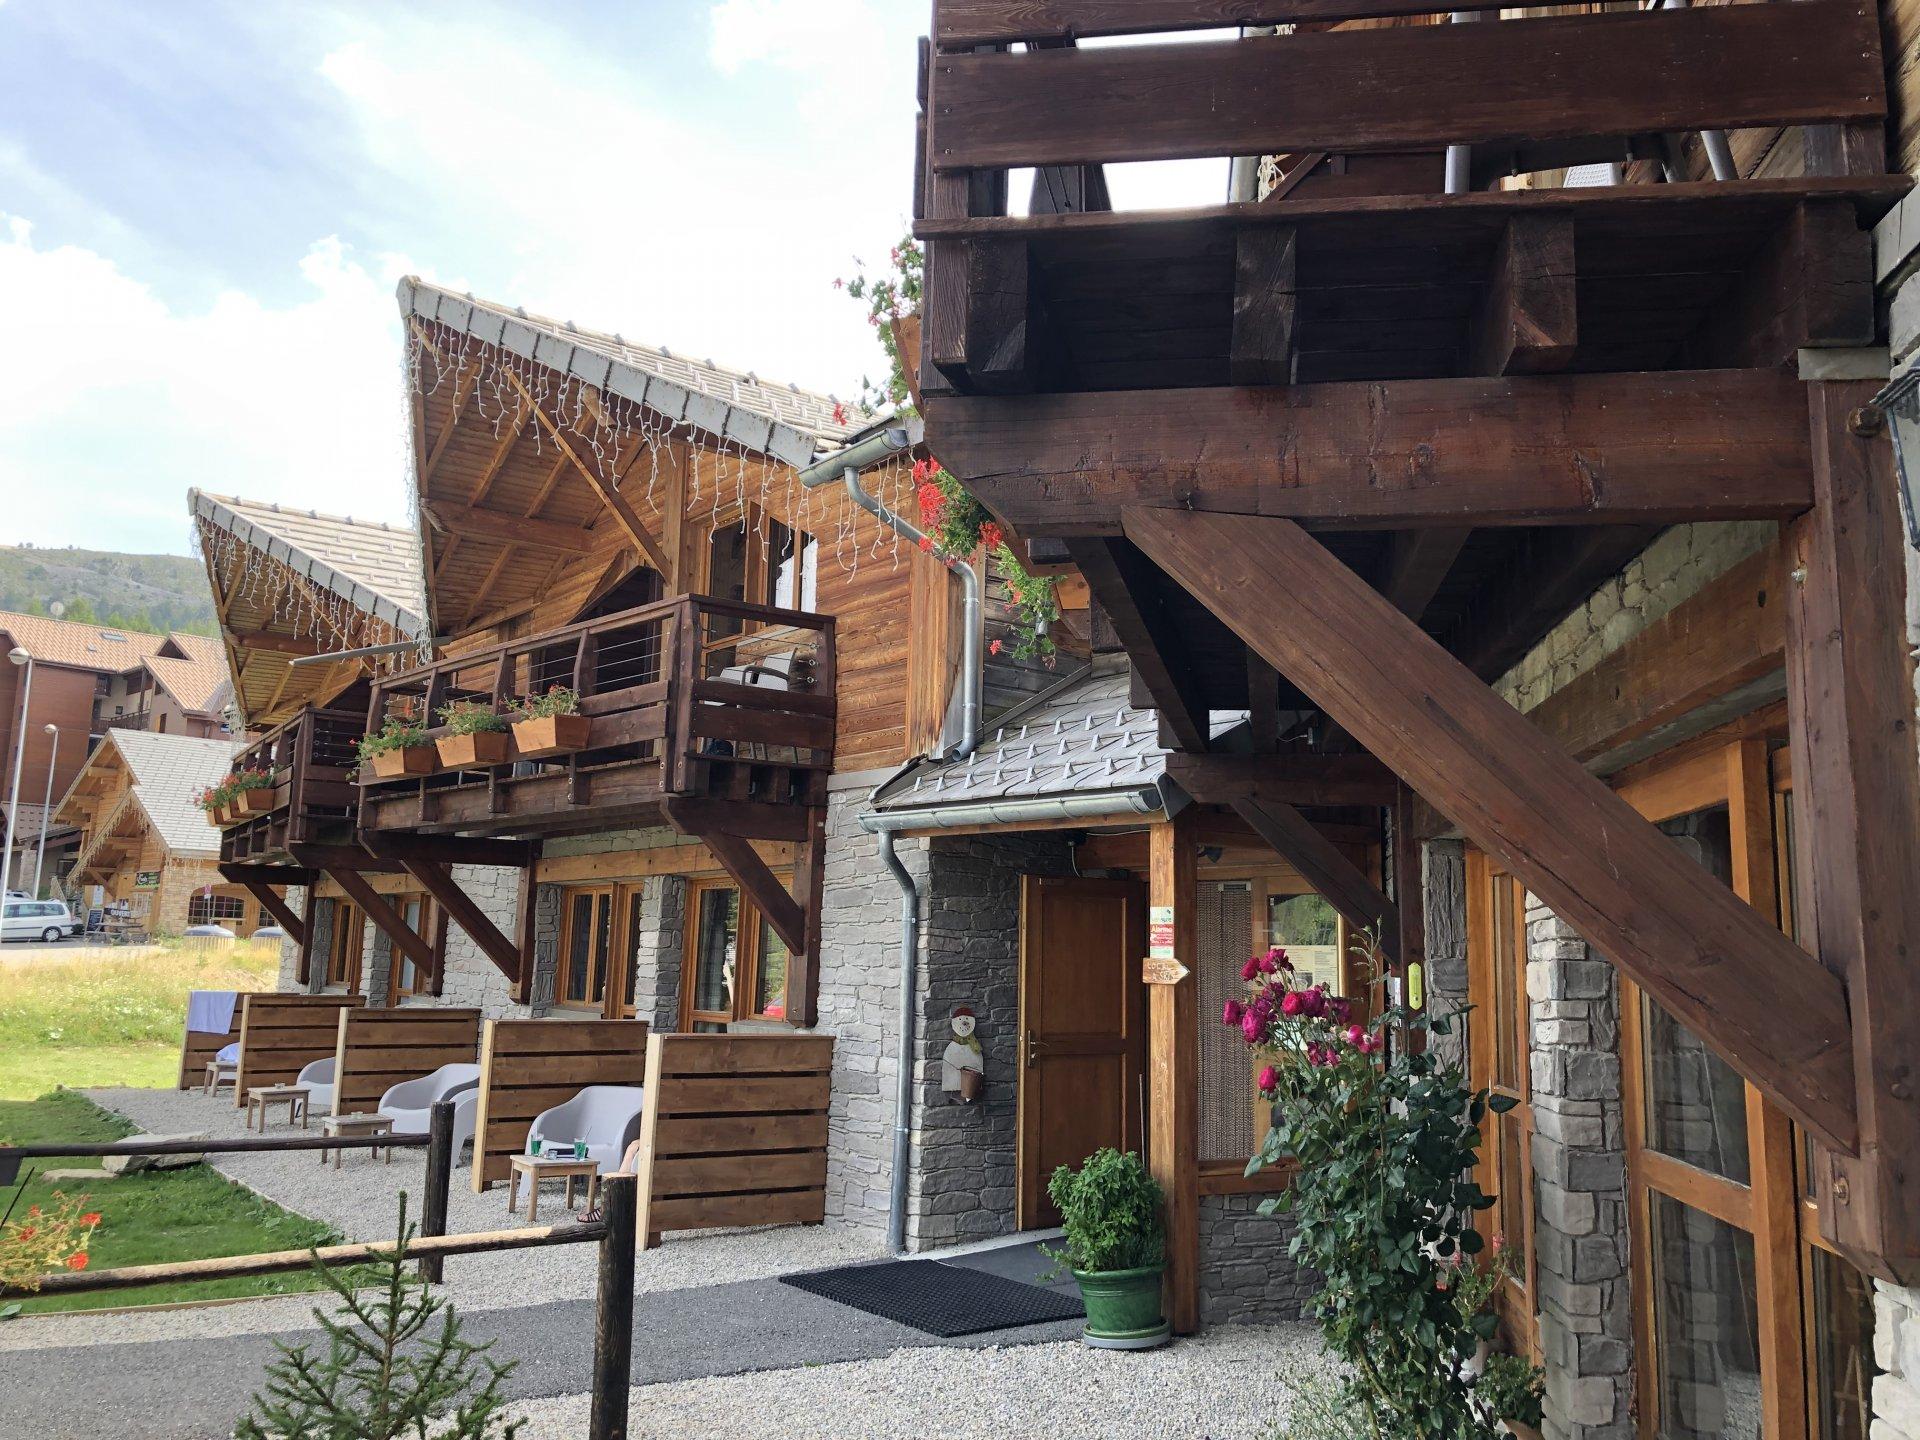 CHALET HOTEL 3* ET RESTAURANT AU PIED DES PISTES DE SKI